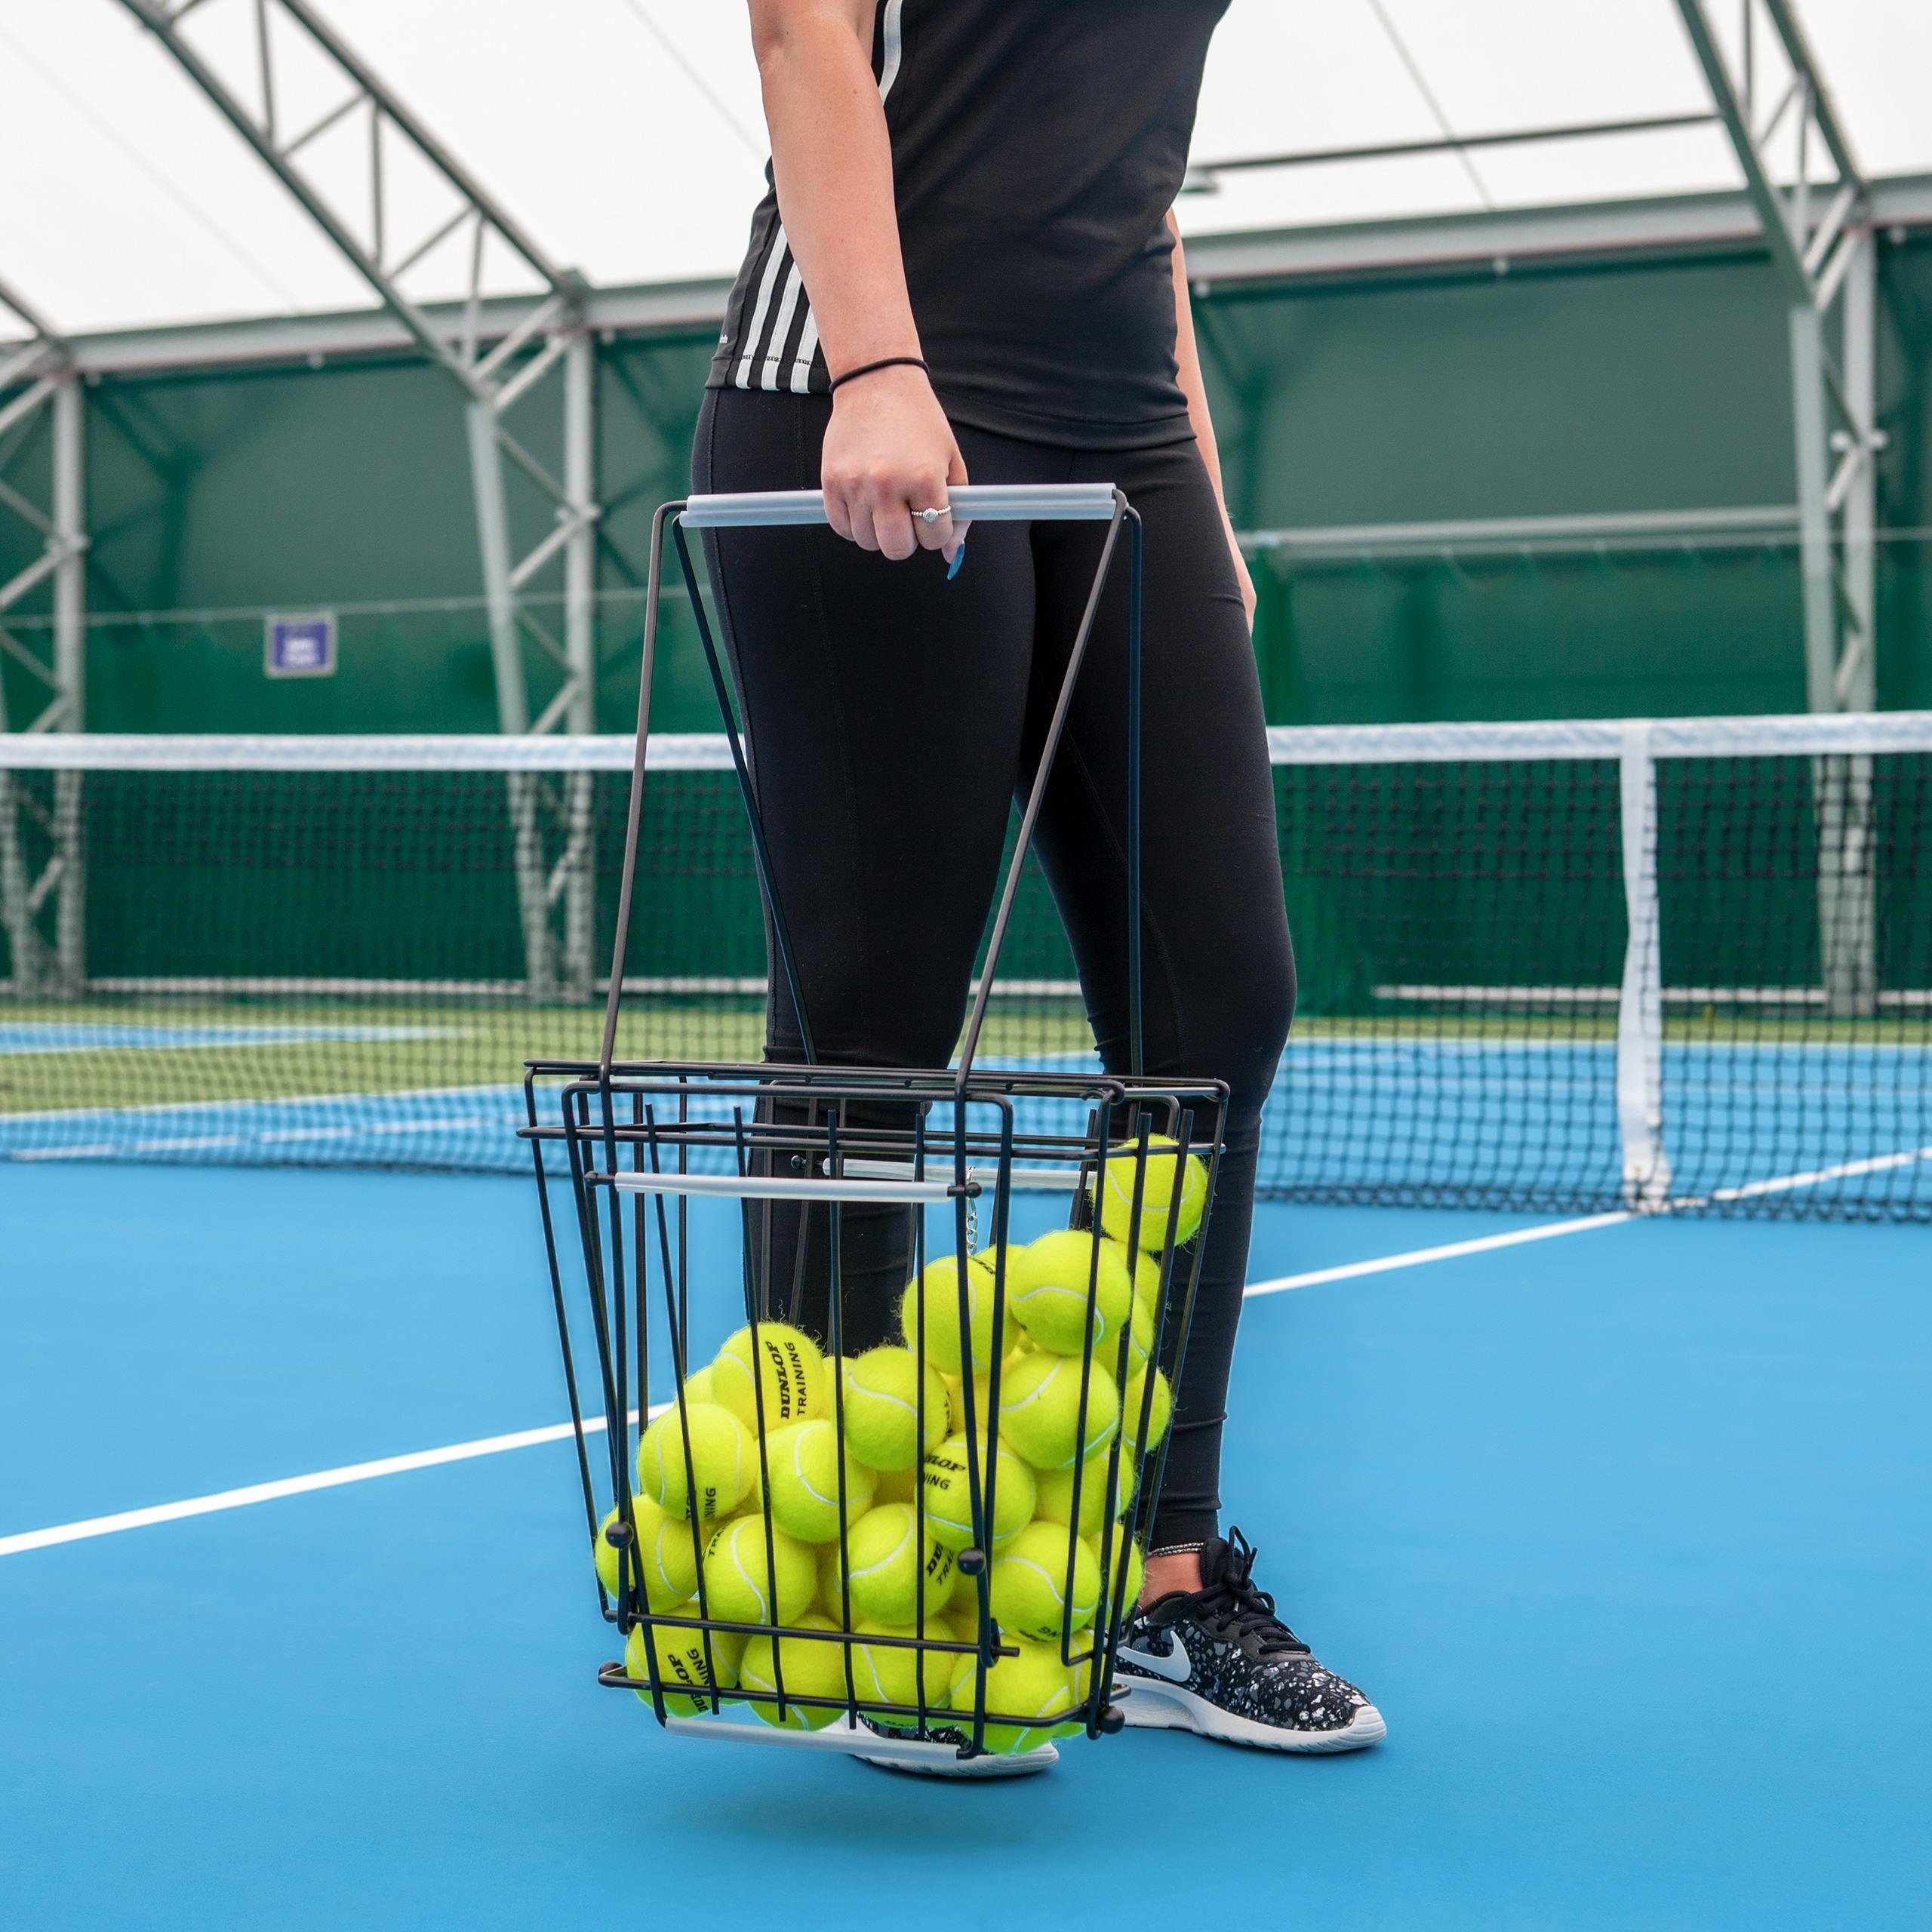 Tennis Ball Hopper / Basket Combo